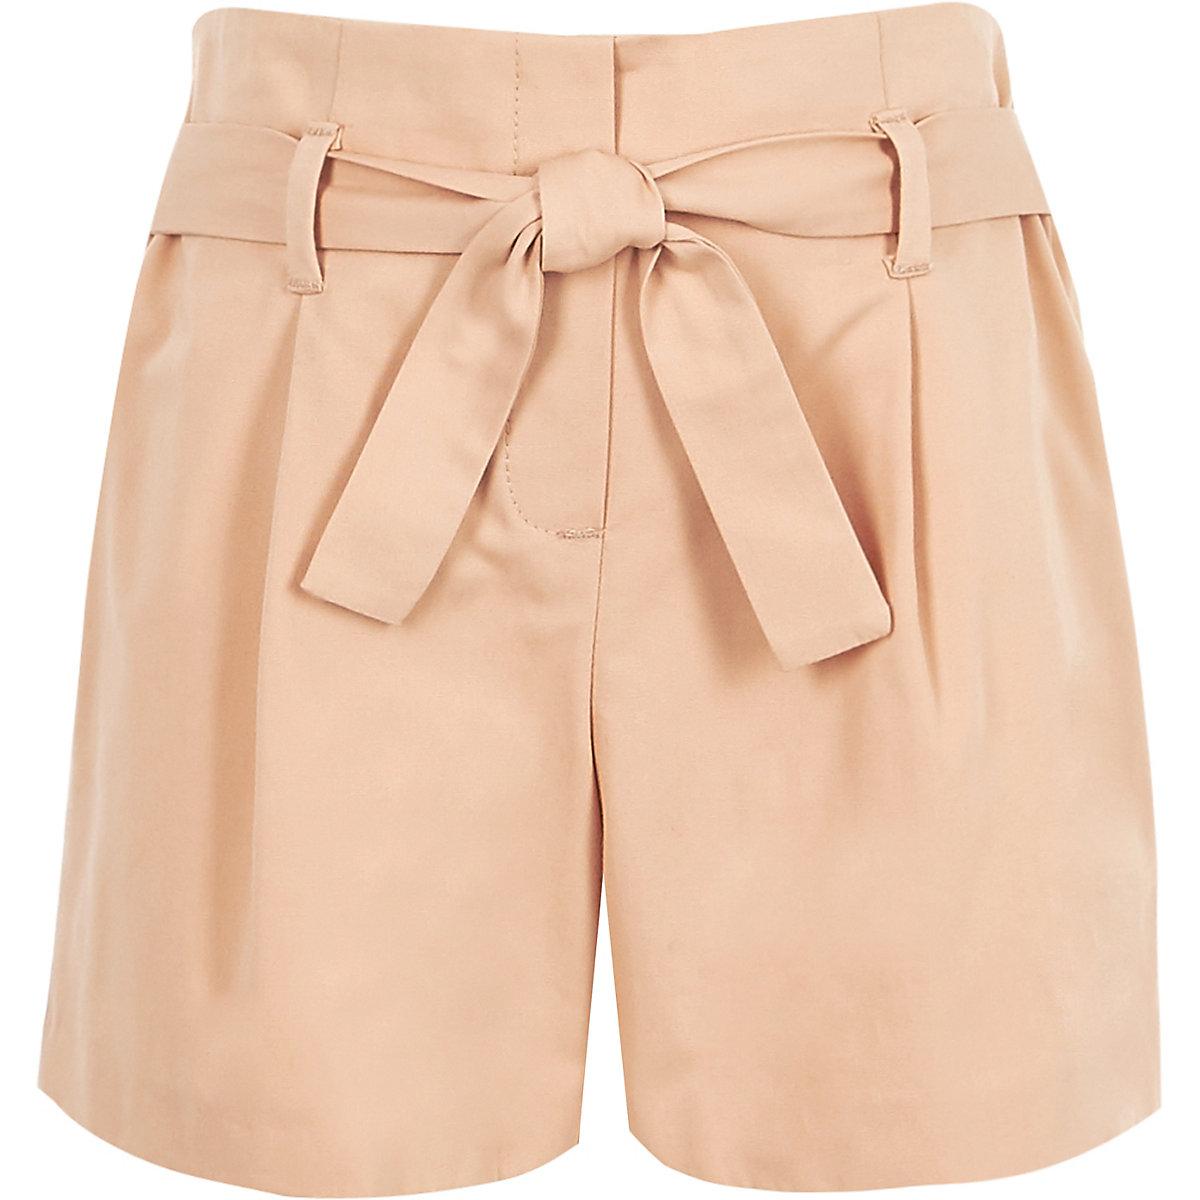 Girls pink poplin tie front shorts